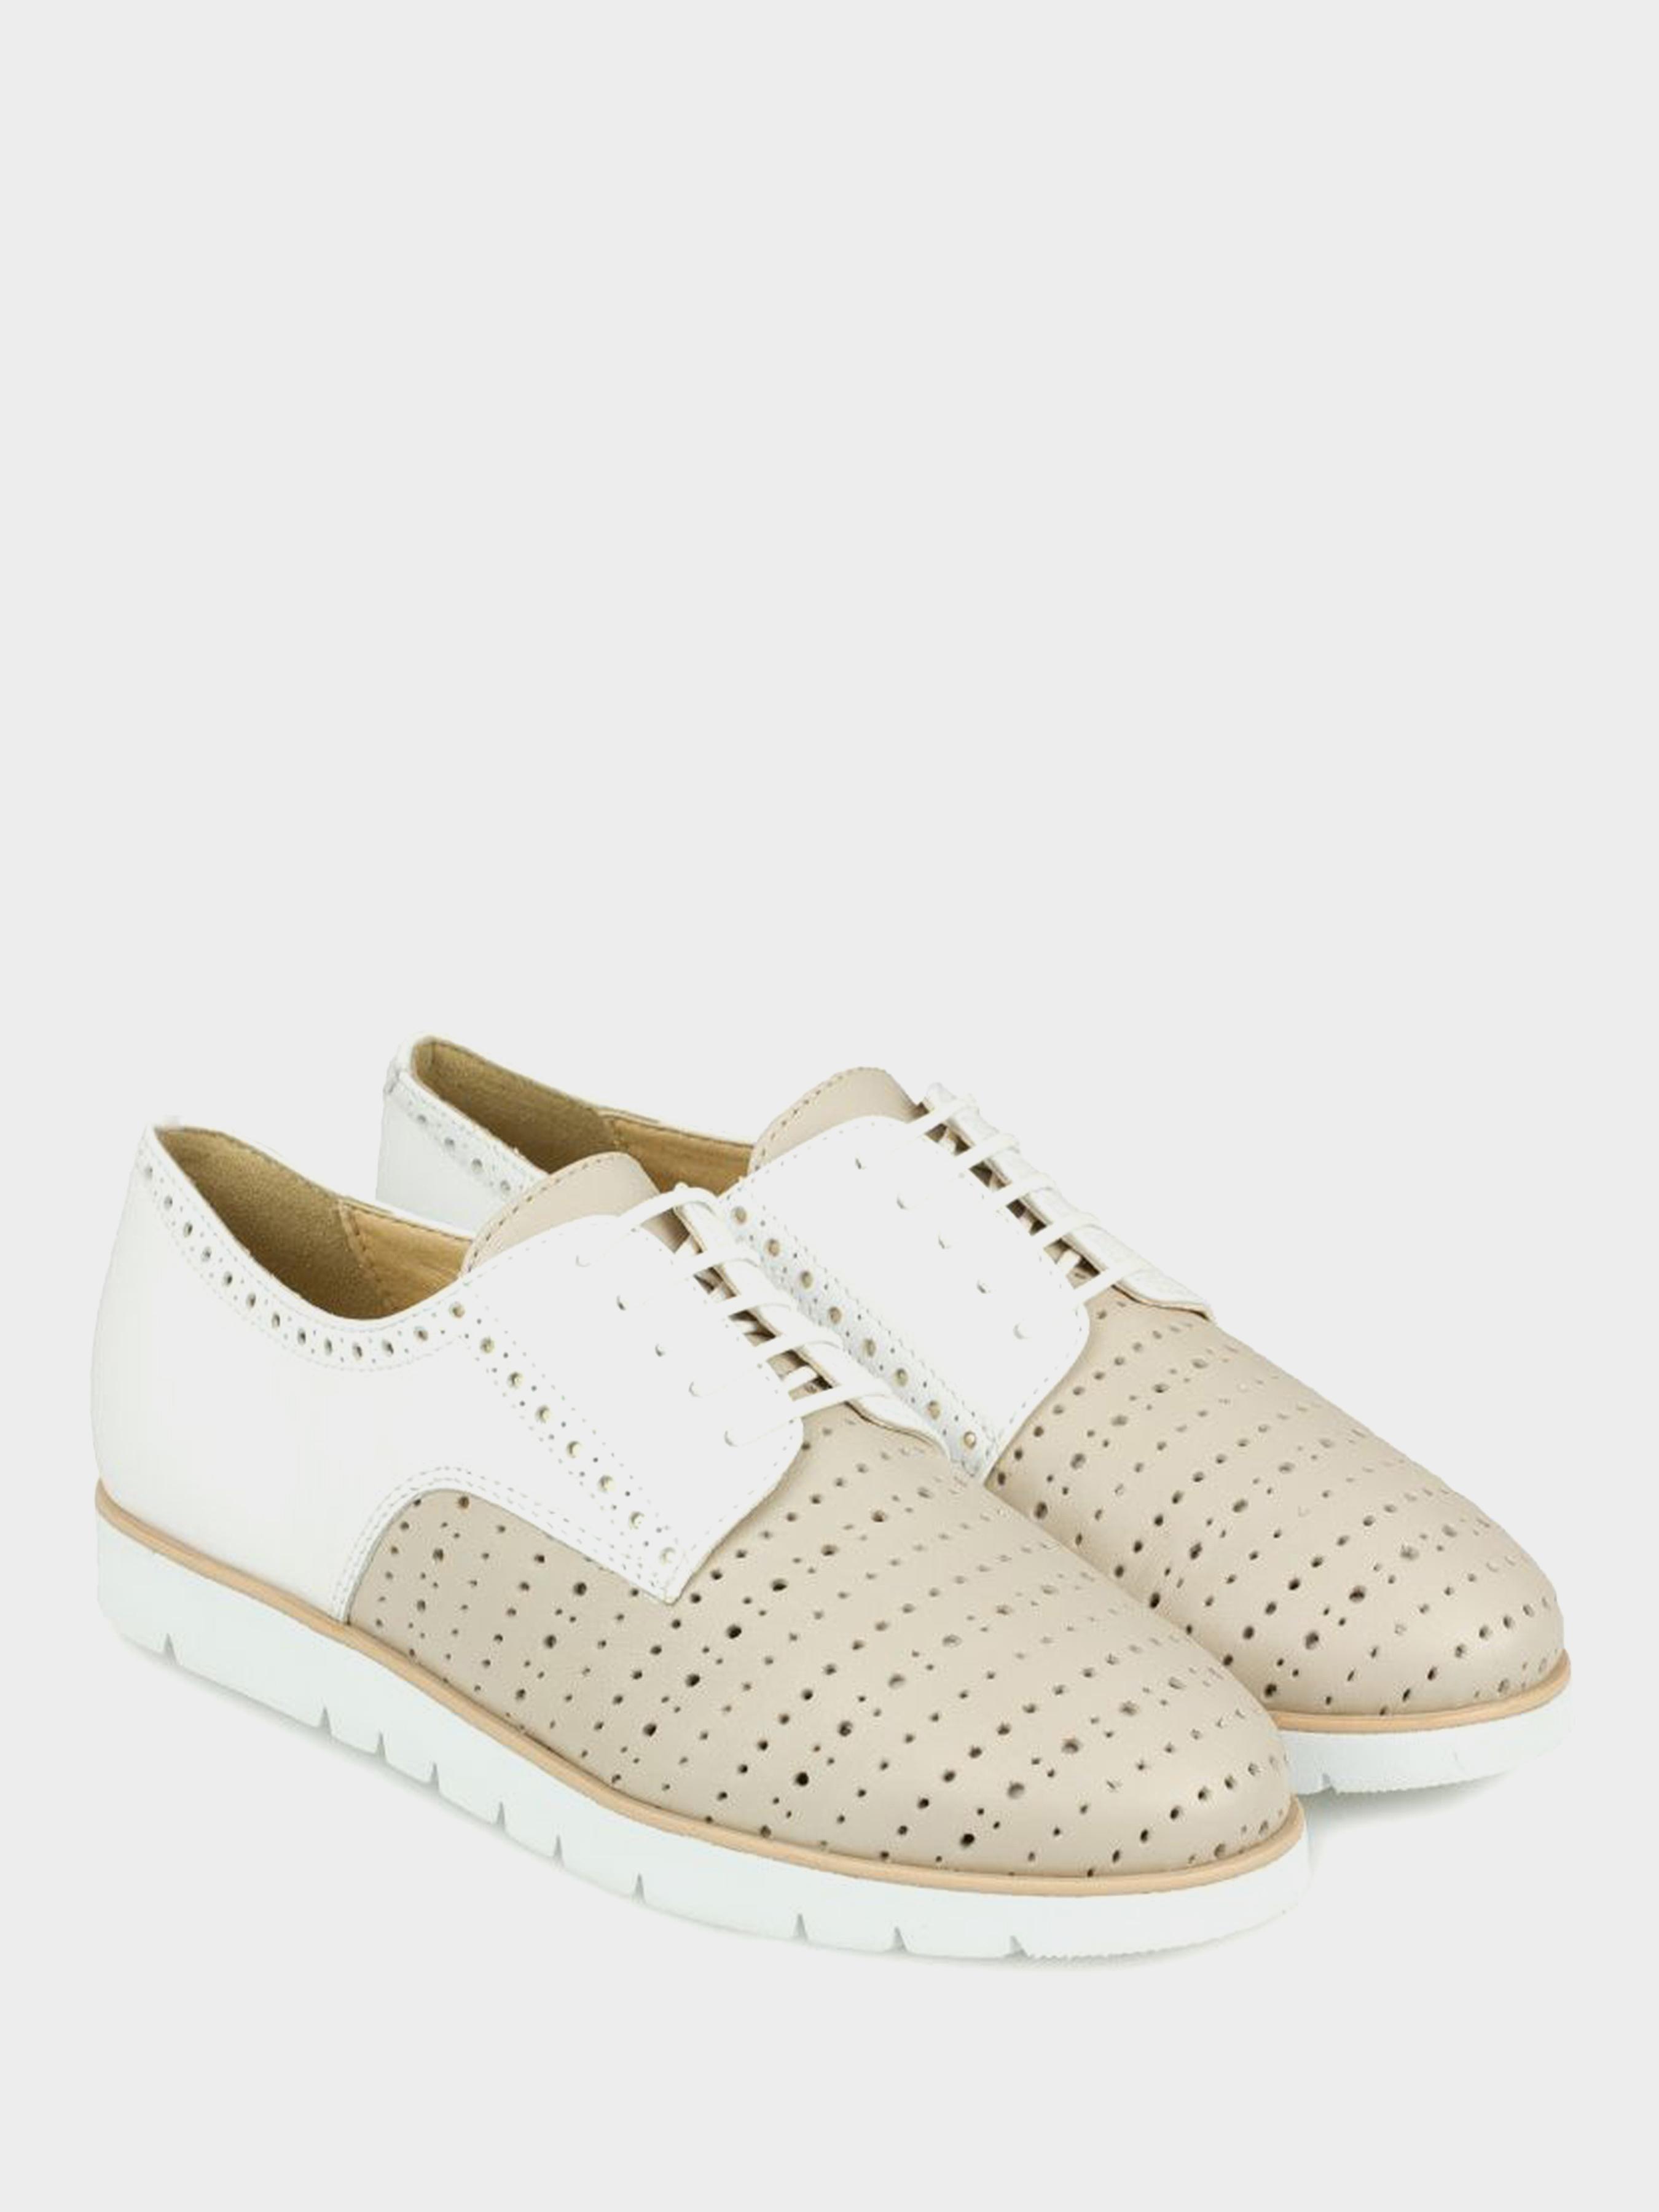 Полуботинки для женщин Geox D KOOKEAN D - NAPPA XW3289 модная обувь, 2017